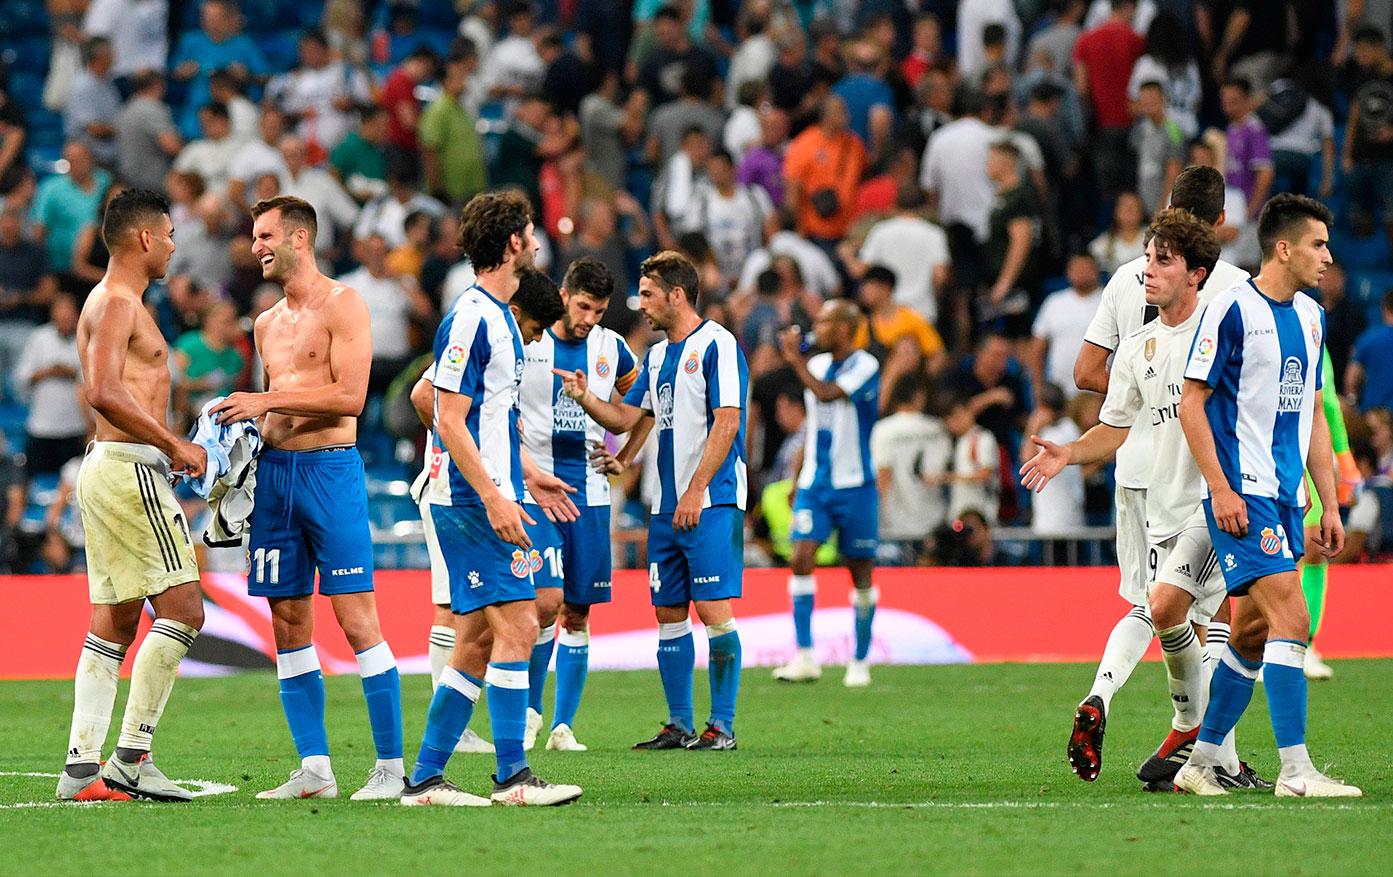 Hermandad O Rivalidad Cómo Crees Que Es La Relación Entre Las Aficiones De Estos Equipos No Es Fútbol Es La Liga El Mundo Marca